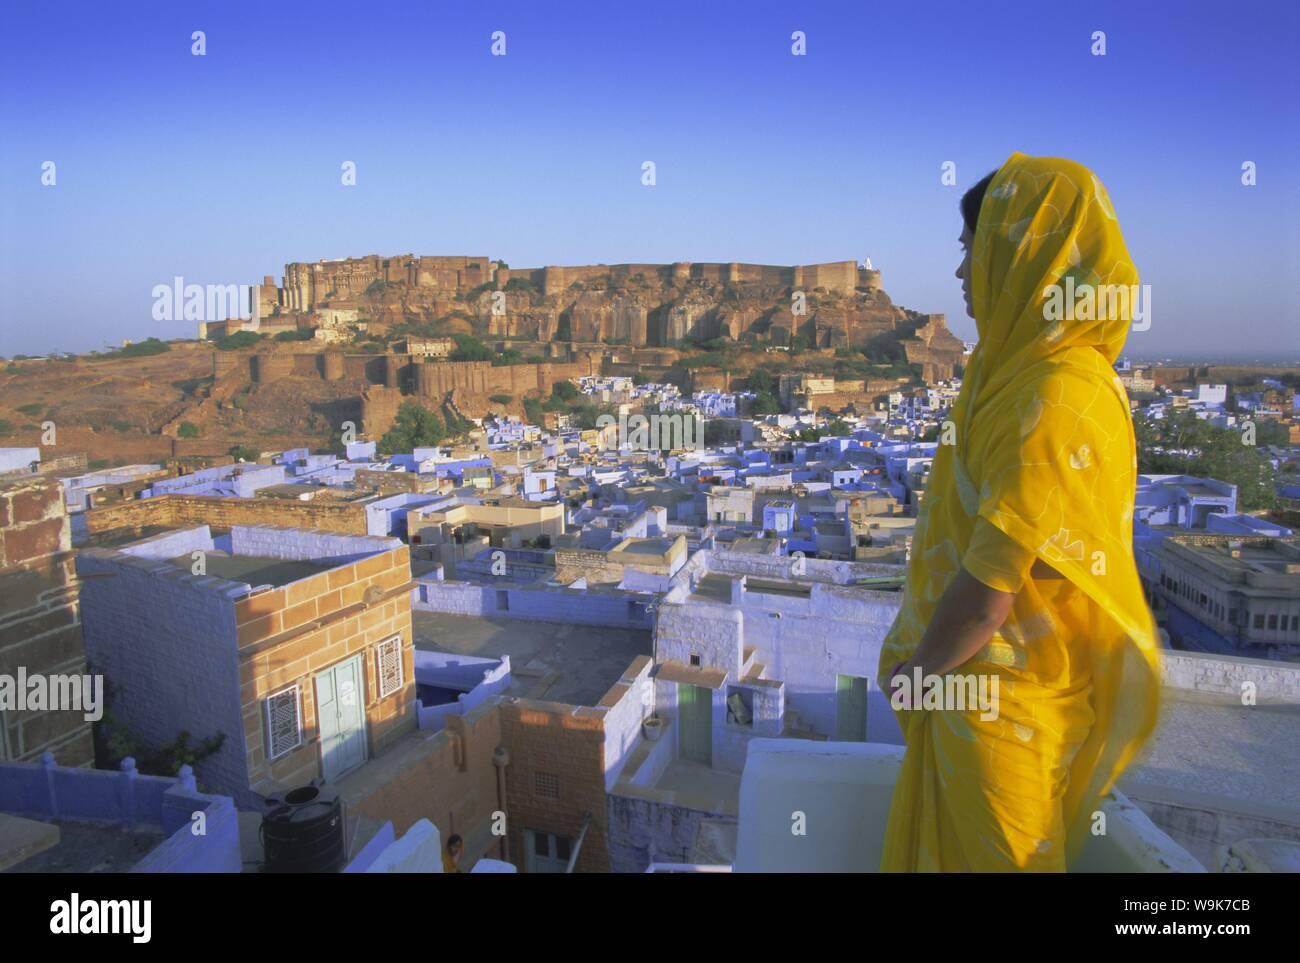 Une femme en sari jaune avec vue sur la 'ville bleue' et fort, Jodhpur, Rajasthan, Inde, Asie Banque D'Images